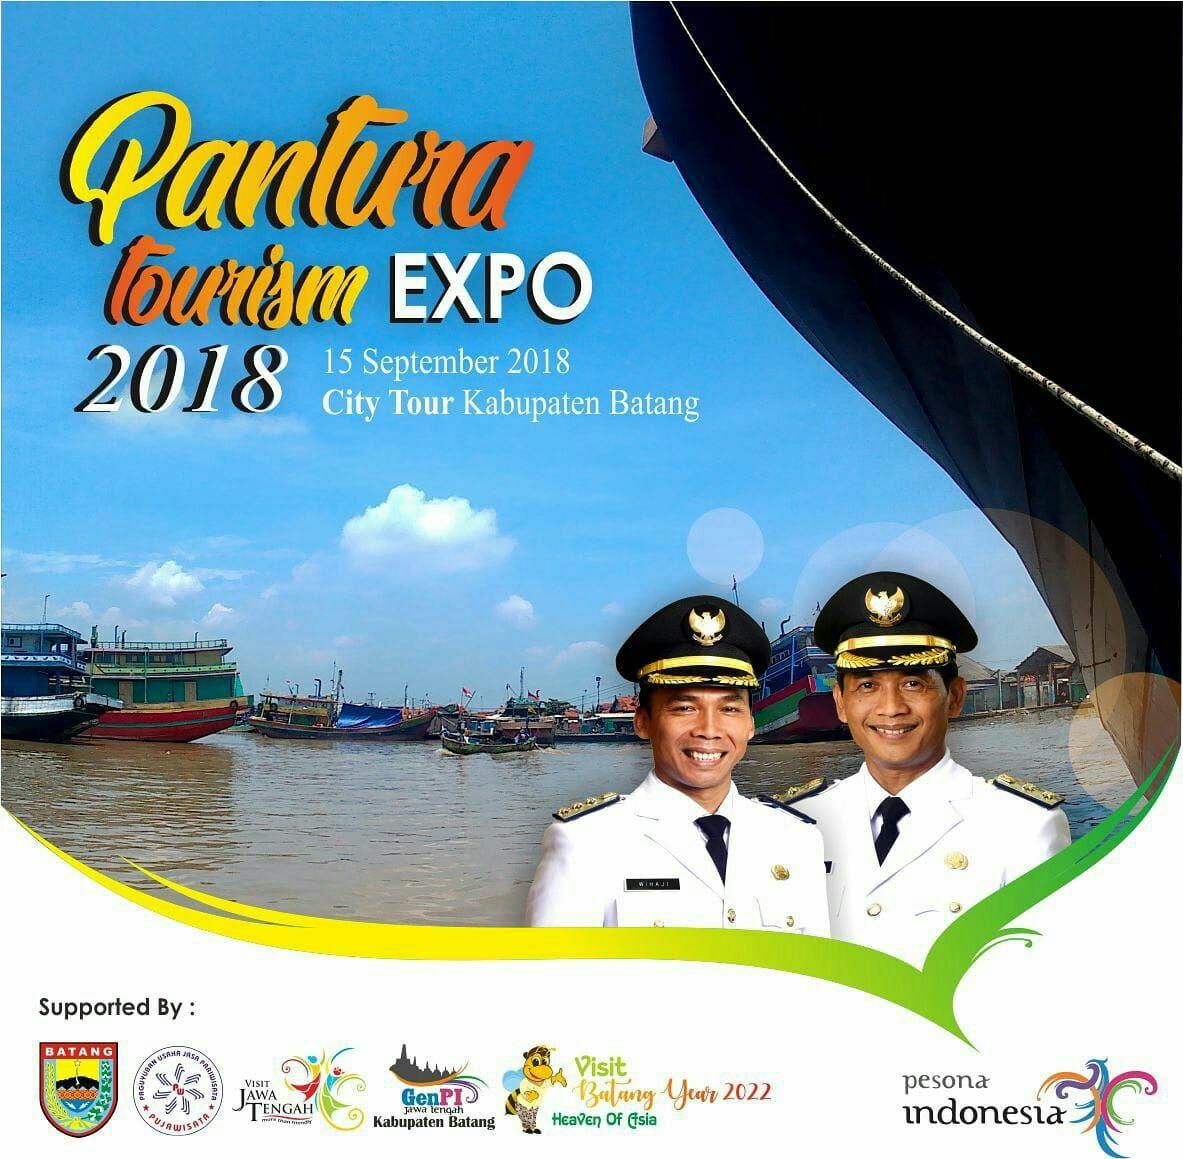 City Tour Kabupaten Batang